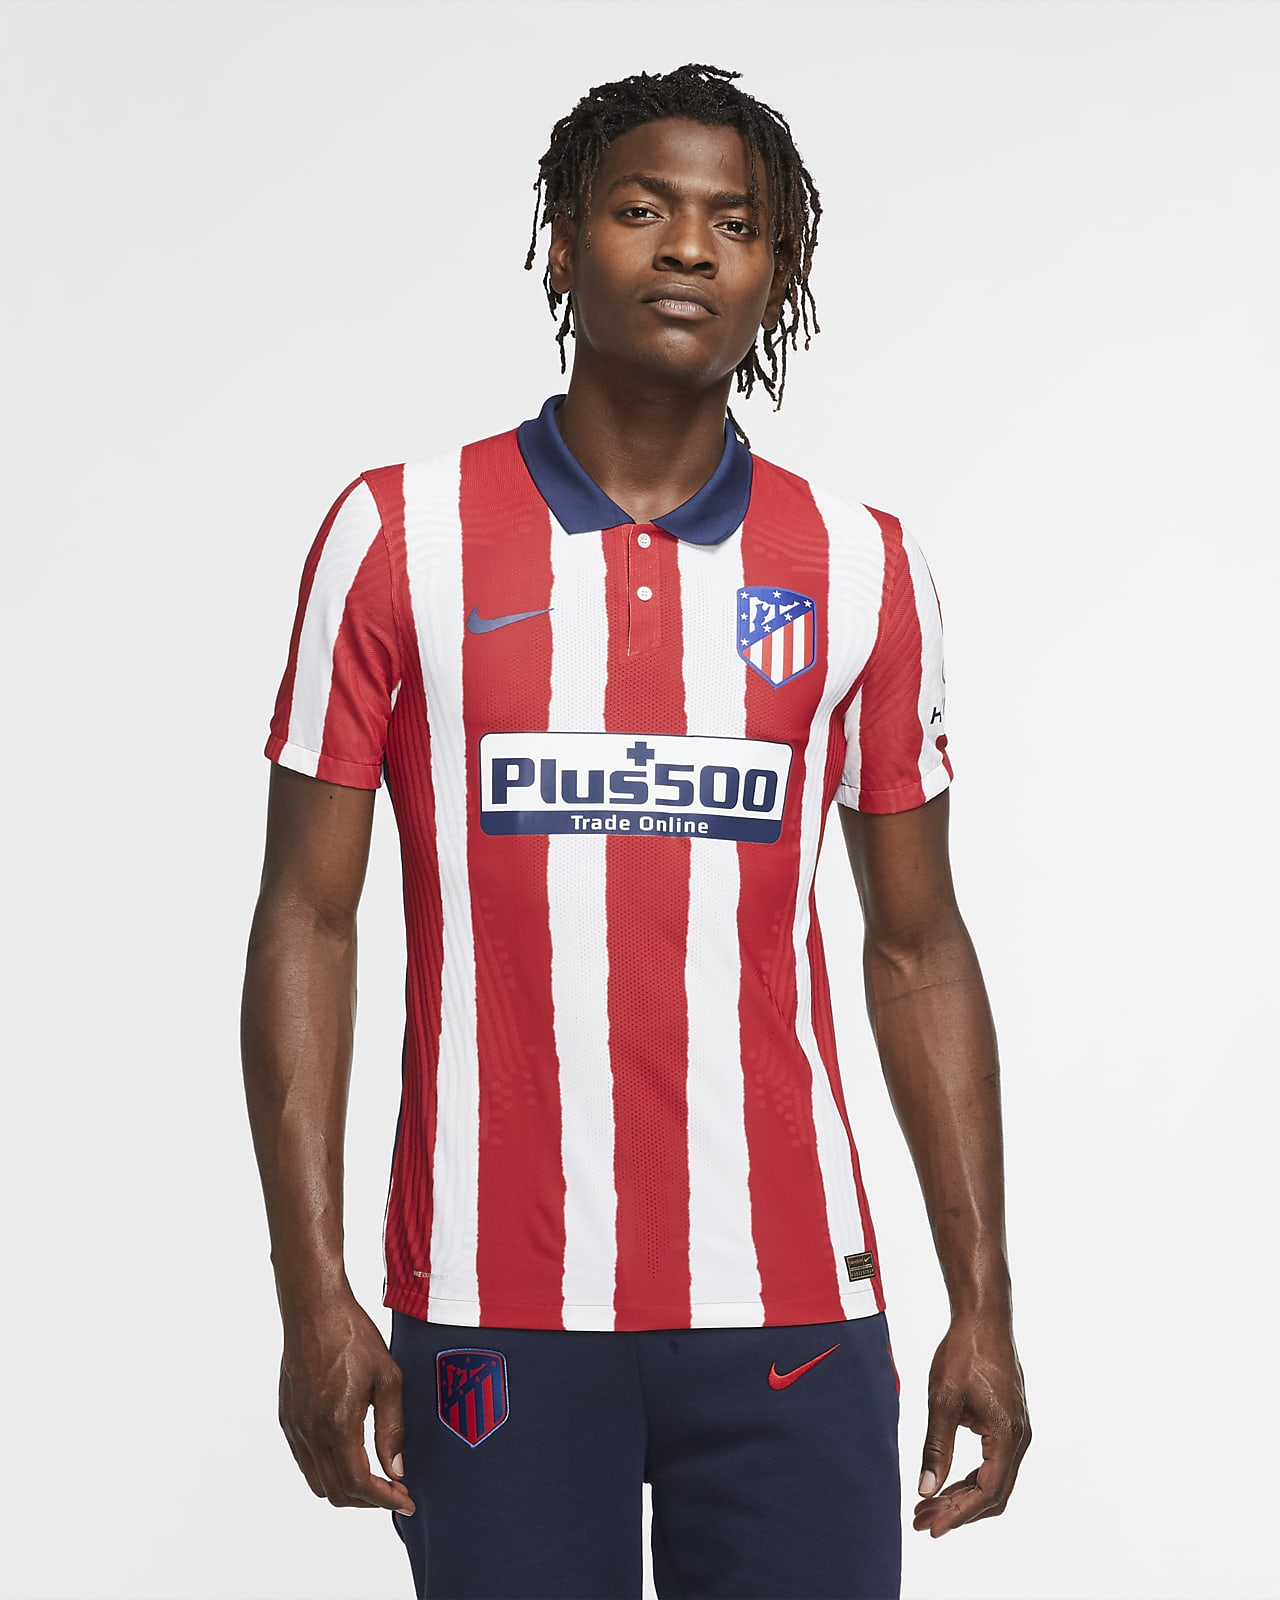 Fotbollströja Atlético de Madrid 2020 Vapor Match (hemmaställ) för män